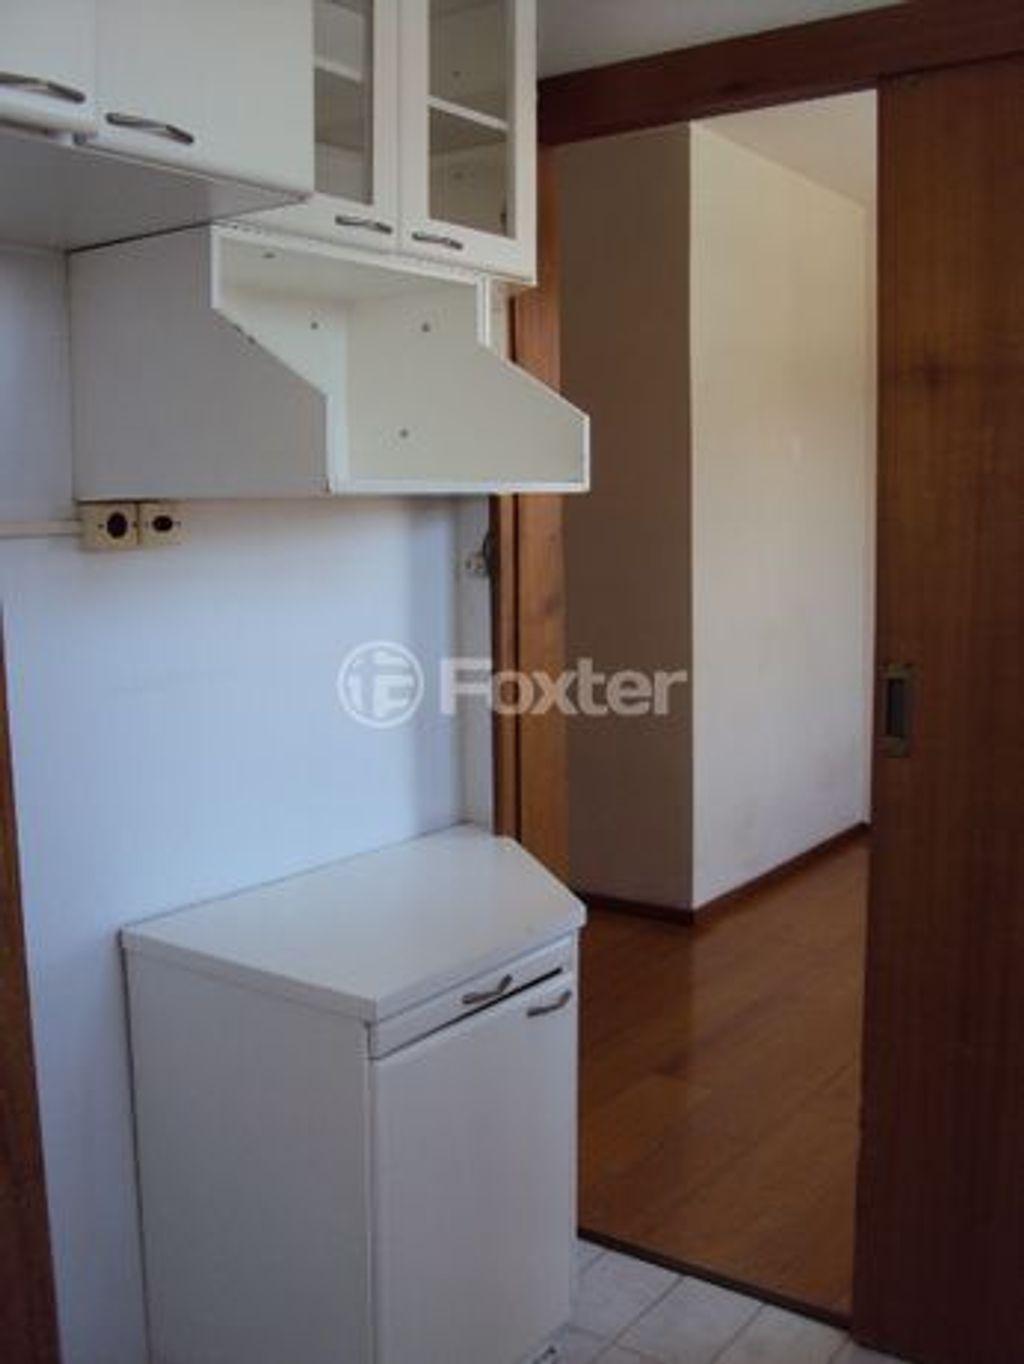 Foxter Imobiliária - Apto 1 Dorm, Azenha (134511) - Foto 7